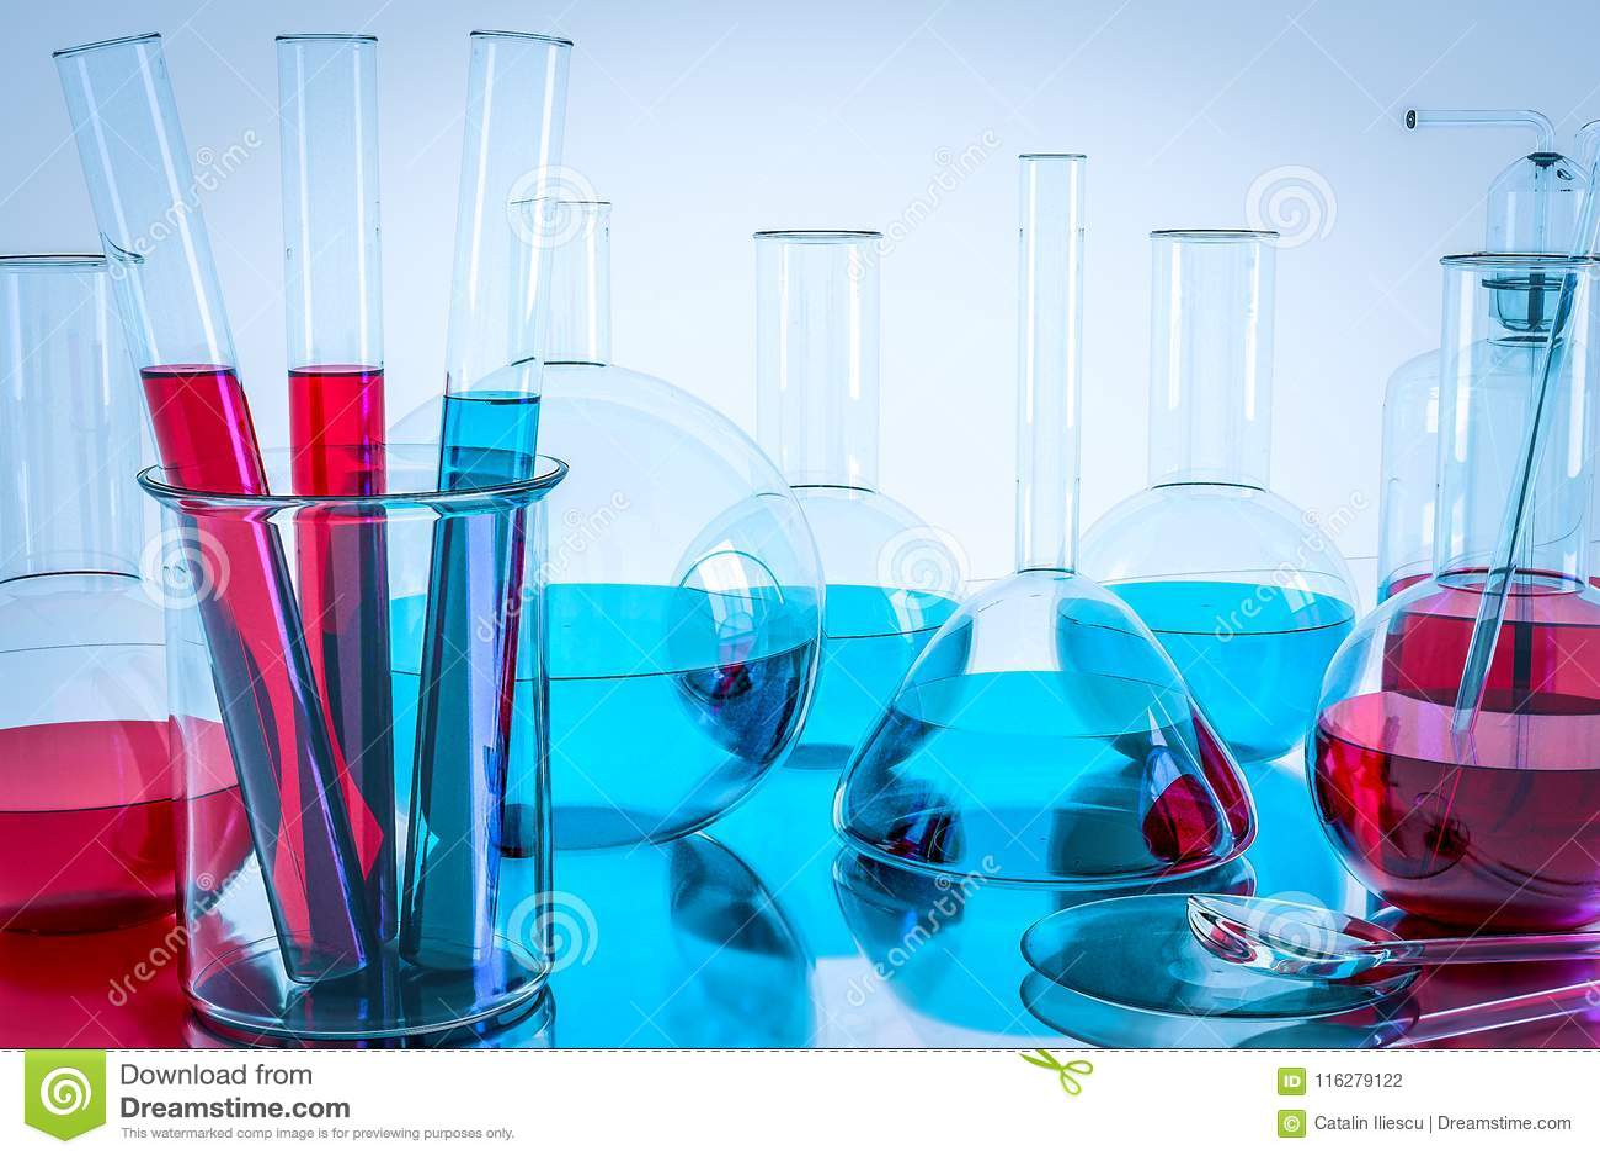 Laboranckiego wyposażenia i nauki eksperymenty, Laborancki glassware zawiera chemicznego ciecz, nauki badanie, nauka